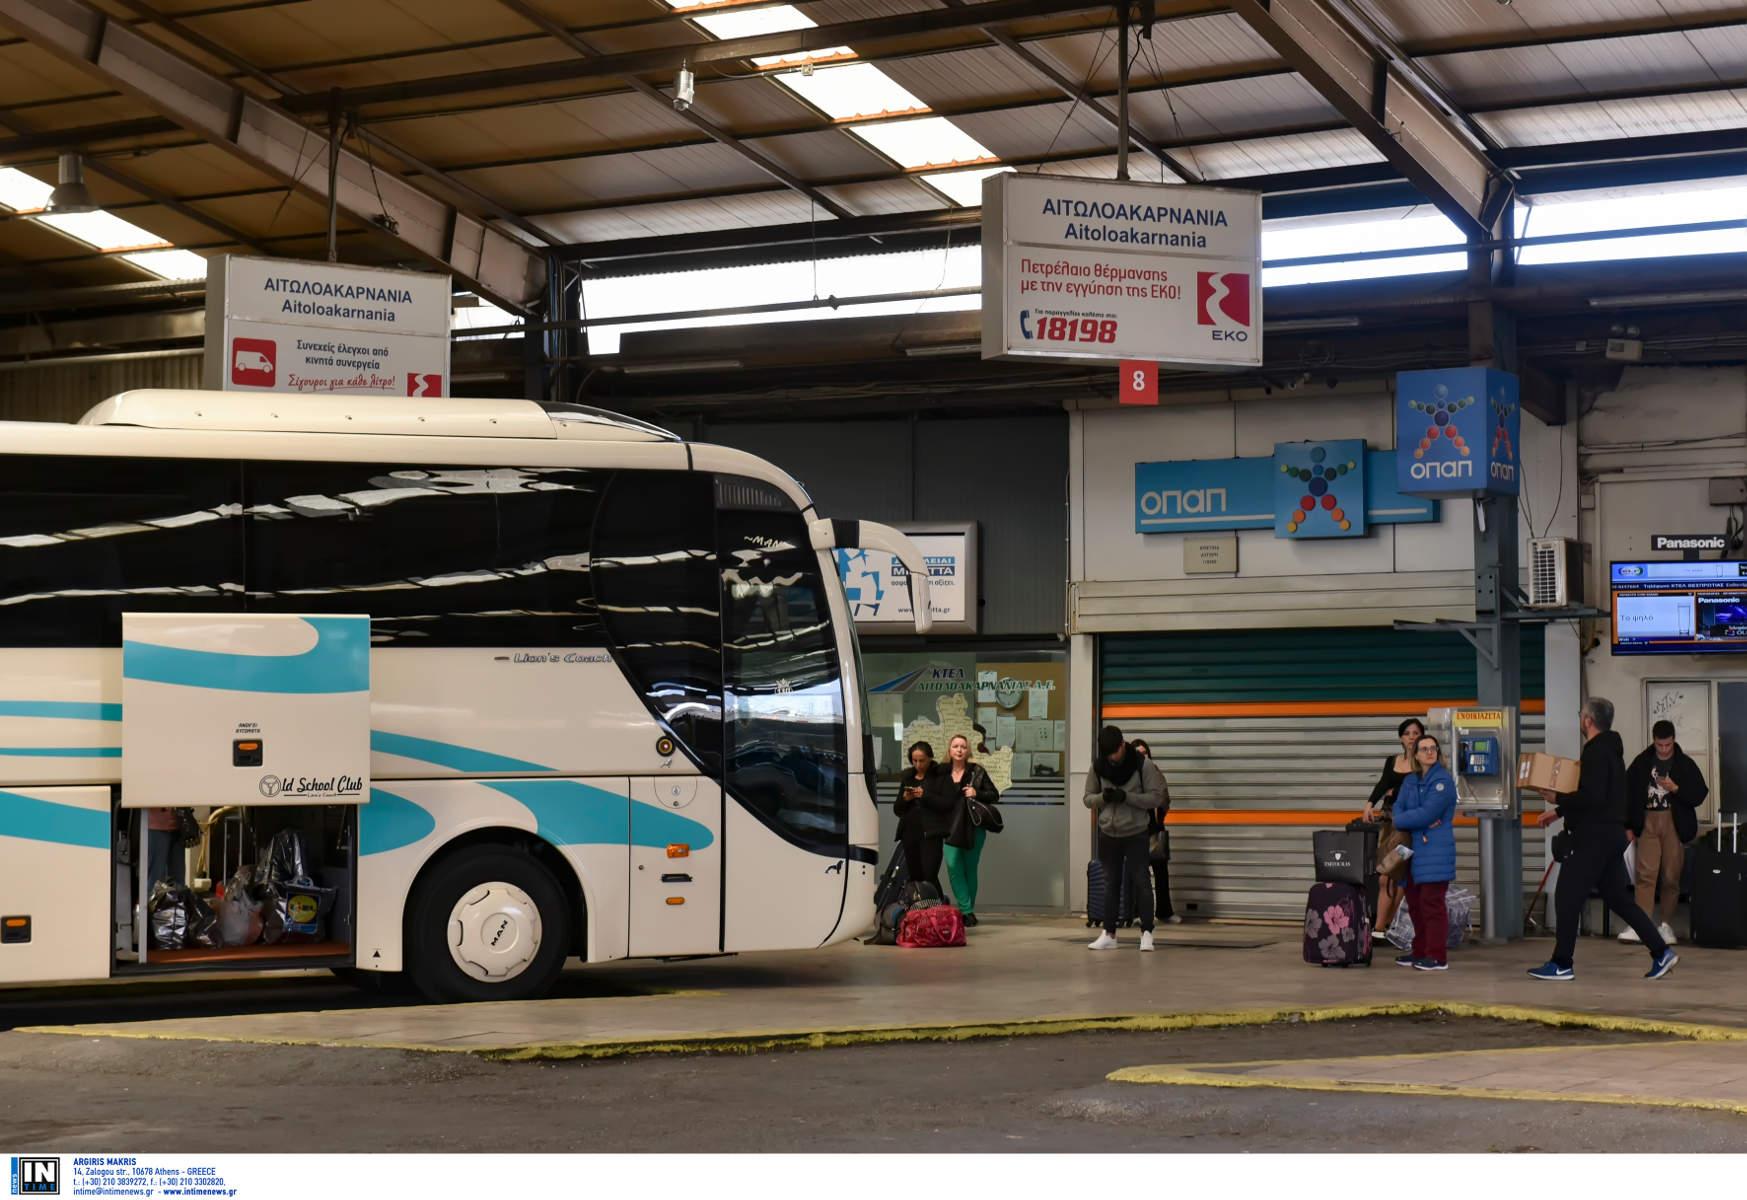 Παρατείνεται η προθεσμία για απόσυρση ΚΤΕΛ, τουριστικών και σχολικών λεωφορείων